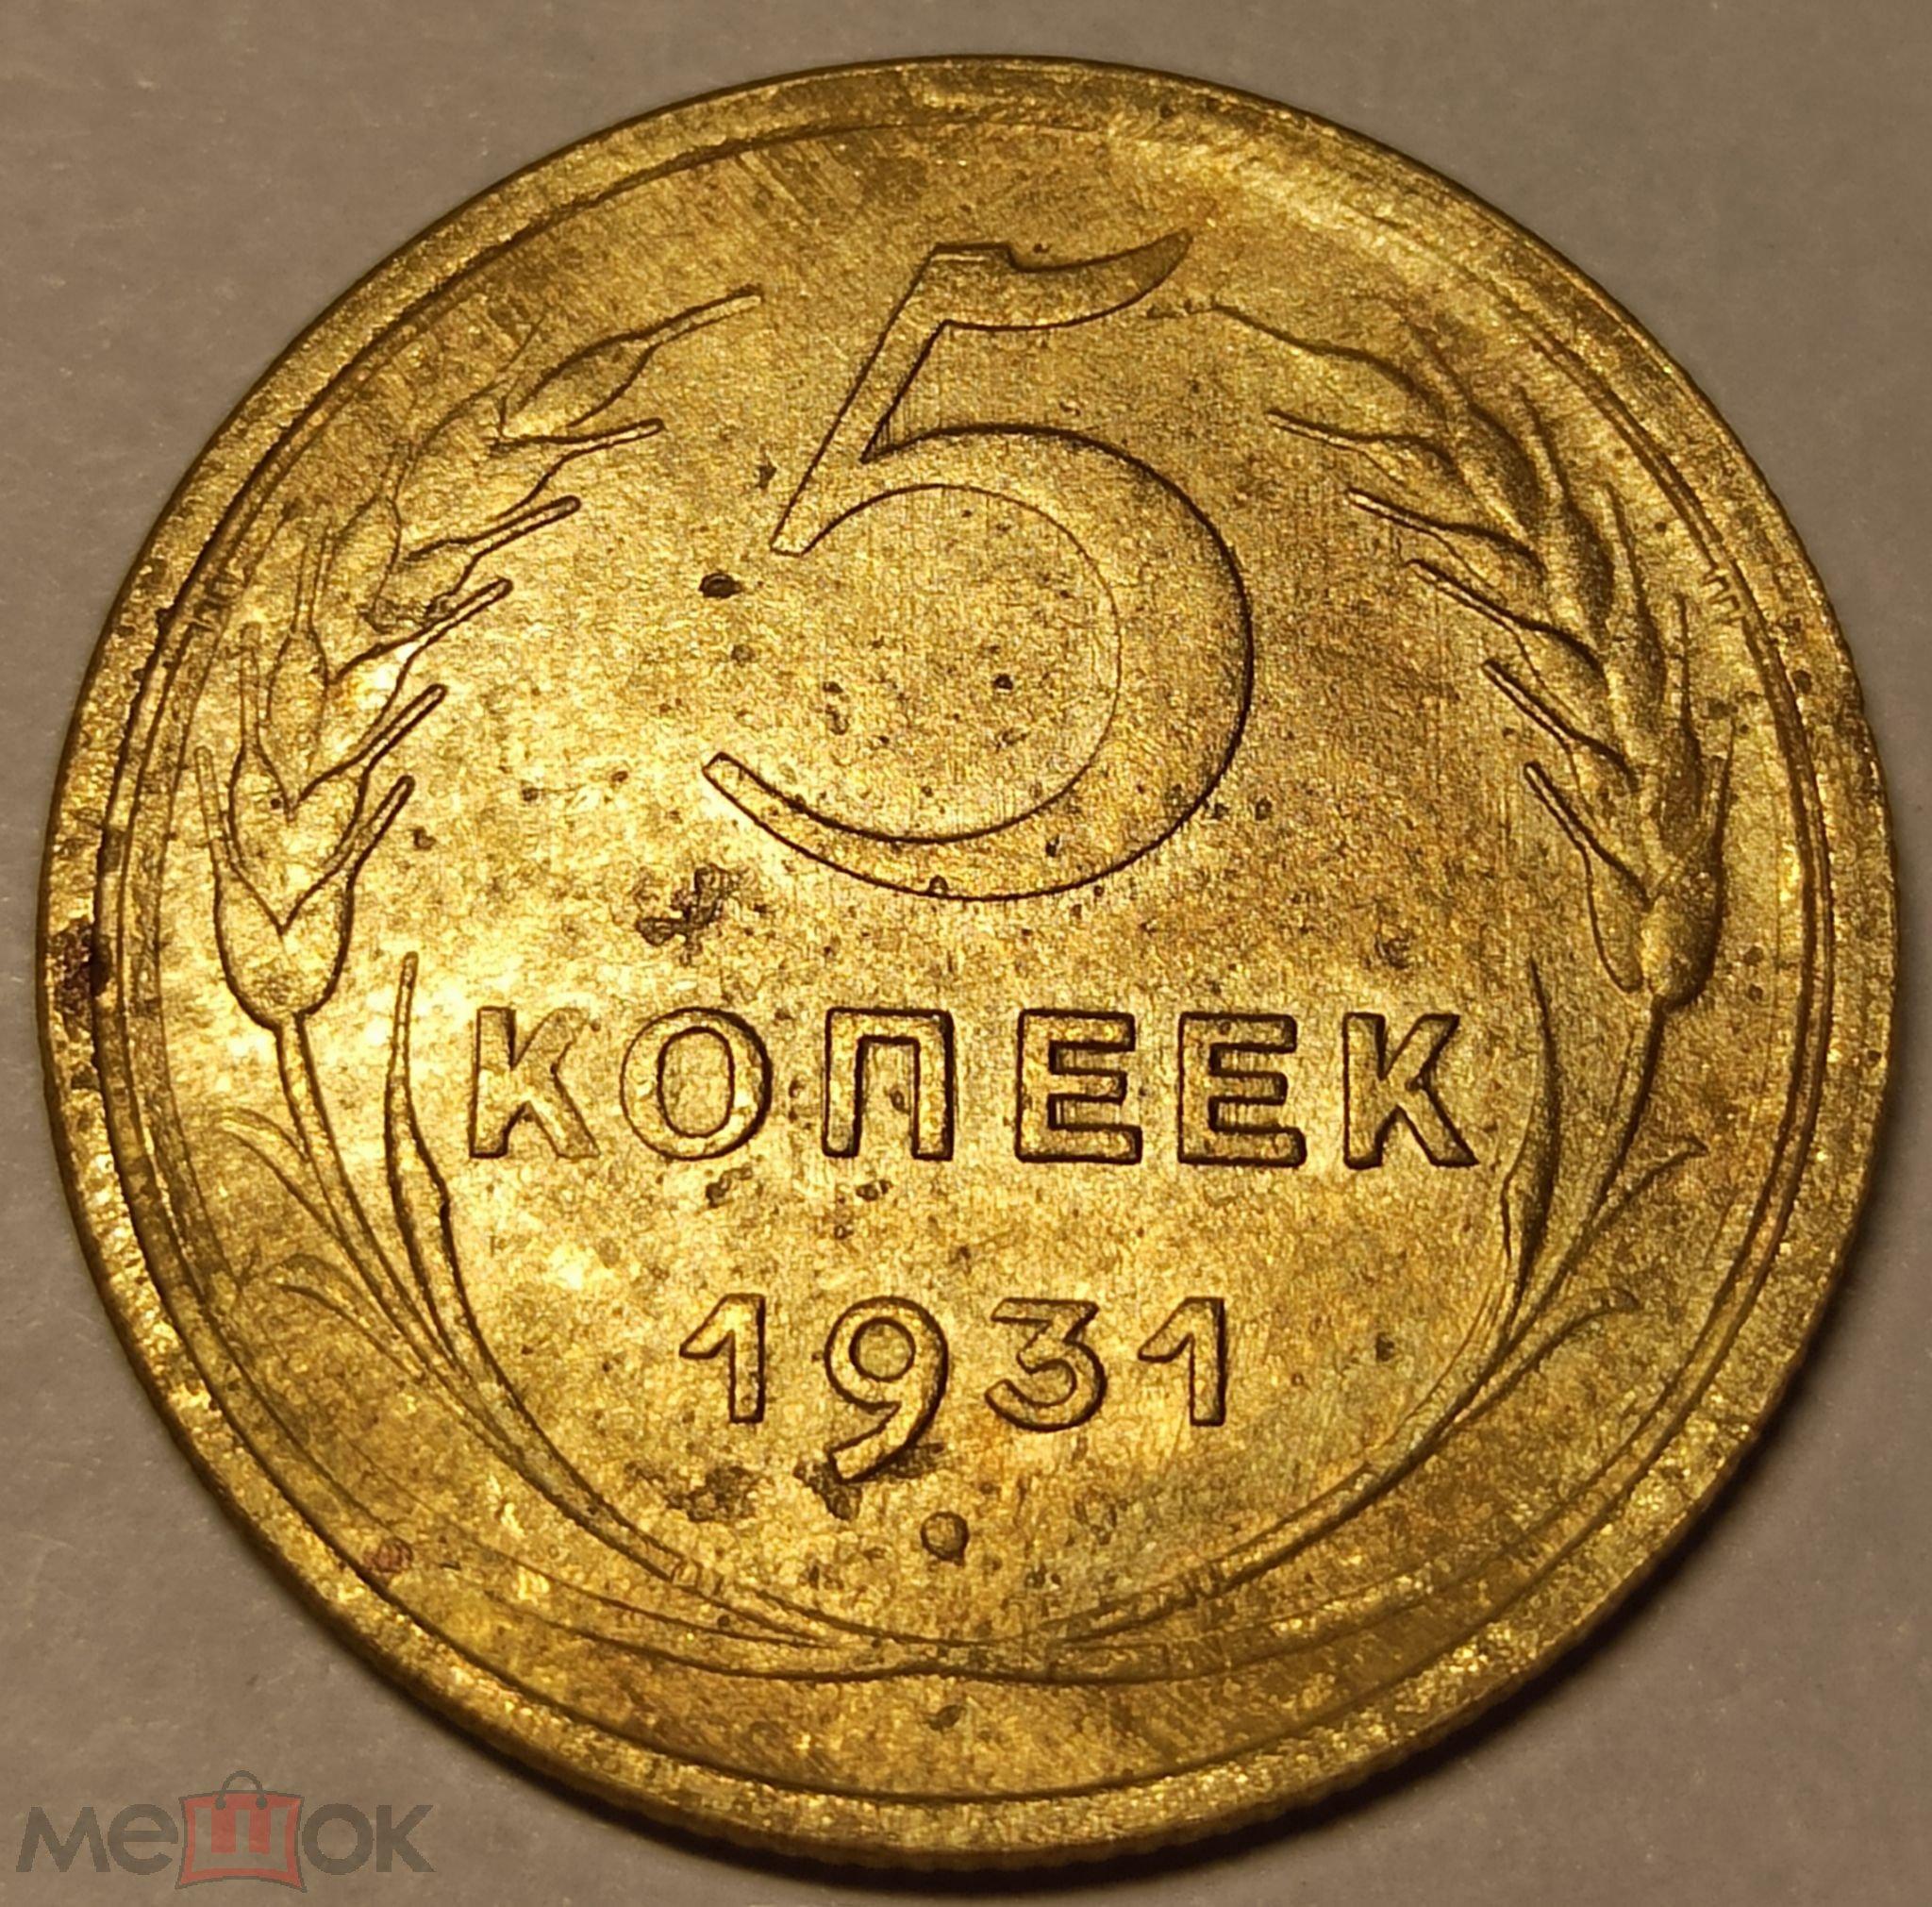 5 копеек 1931 года СССР - ОРИГИНАЛ - СОСТОЯНИЕ - В КОЛЛЕКЦИЮ - НИЗКАЯ ЦЕНА! #16